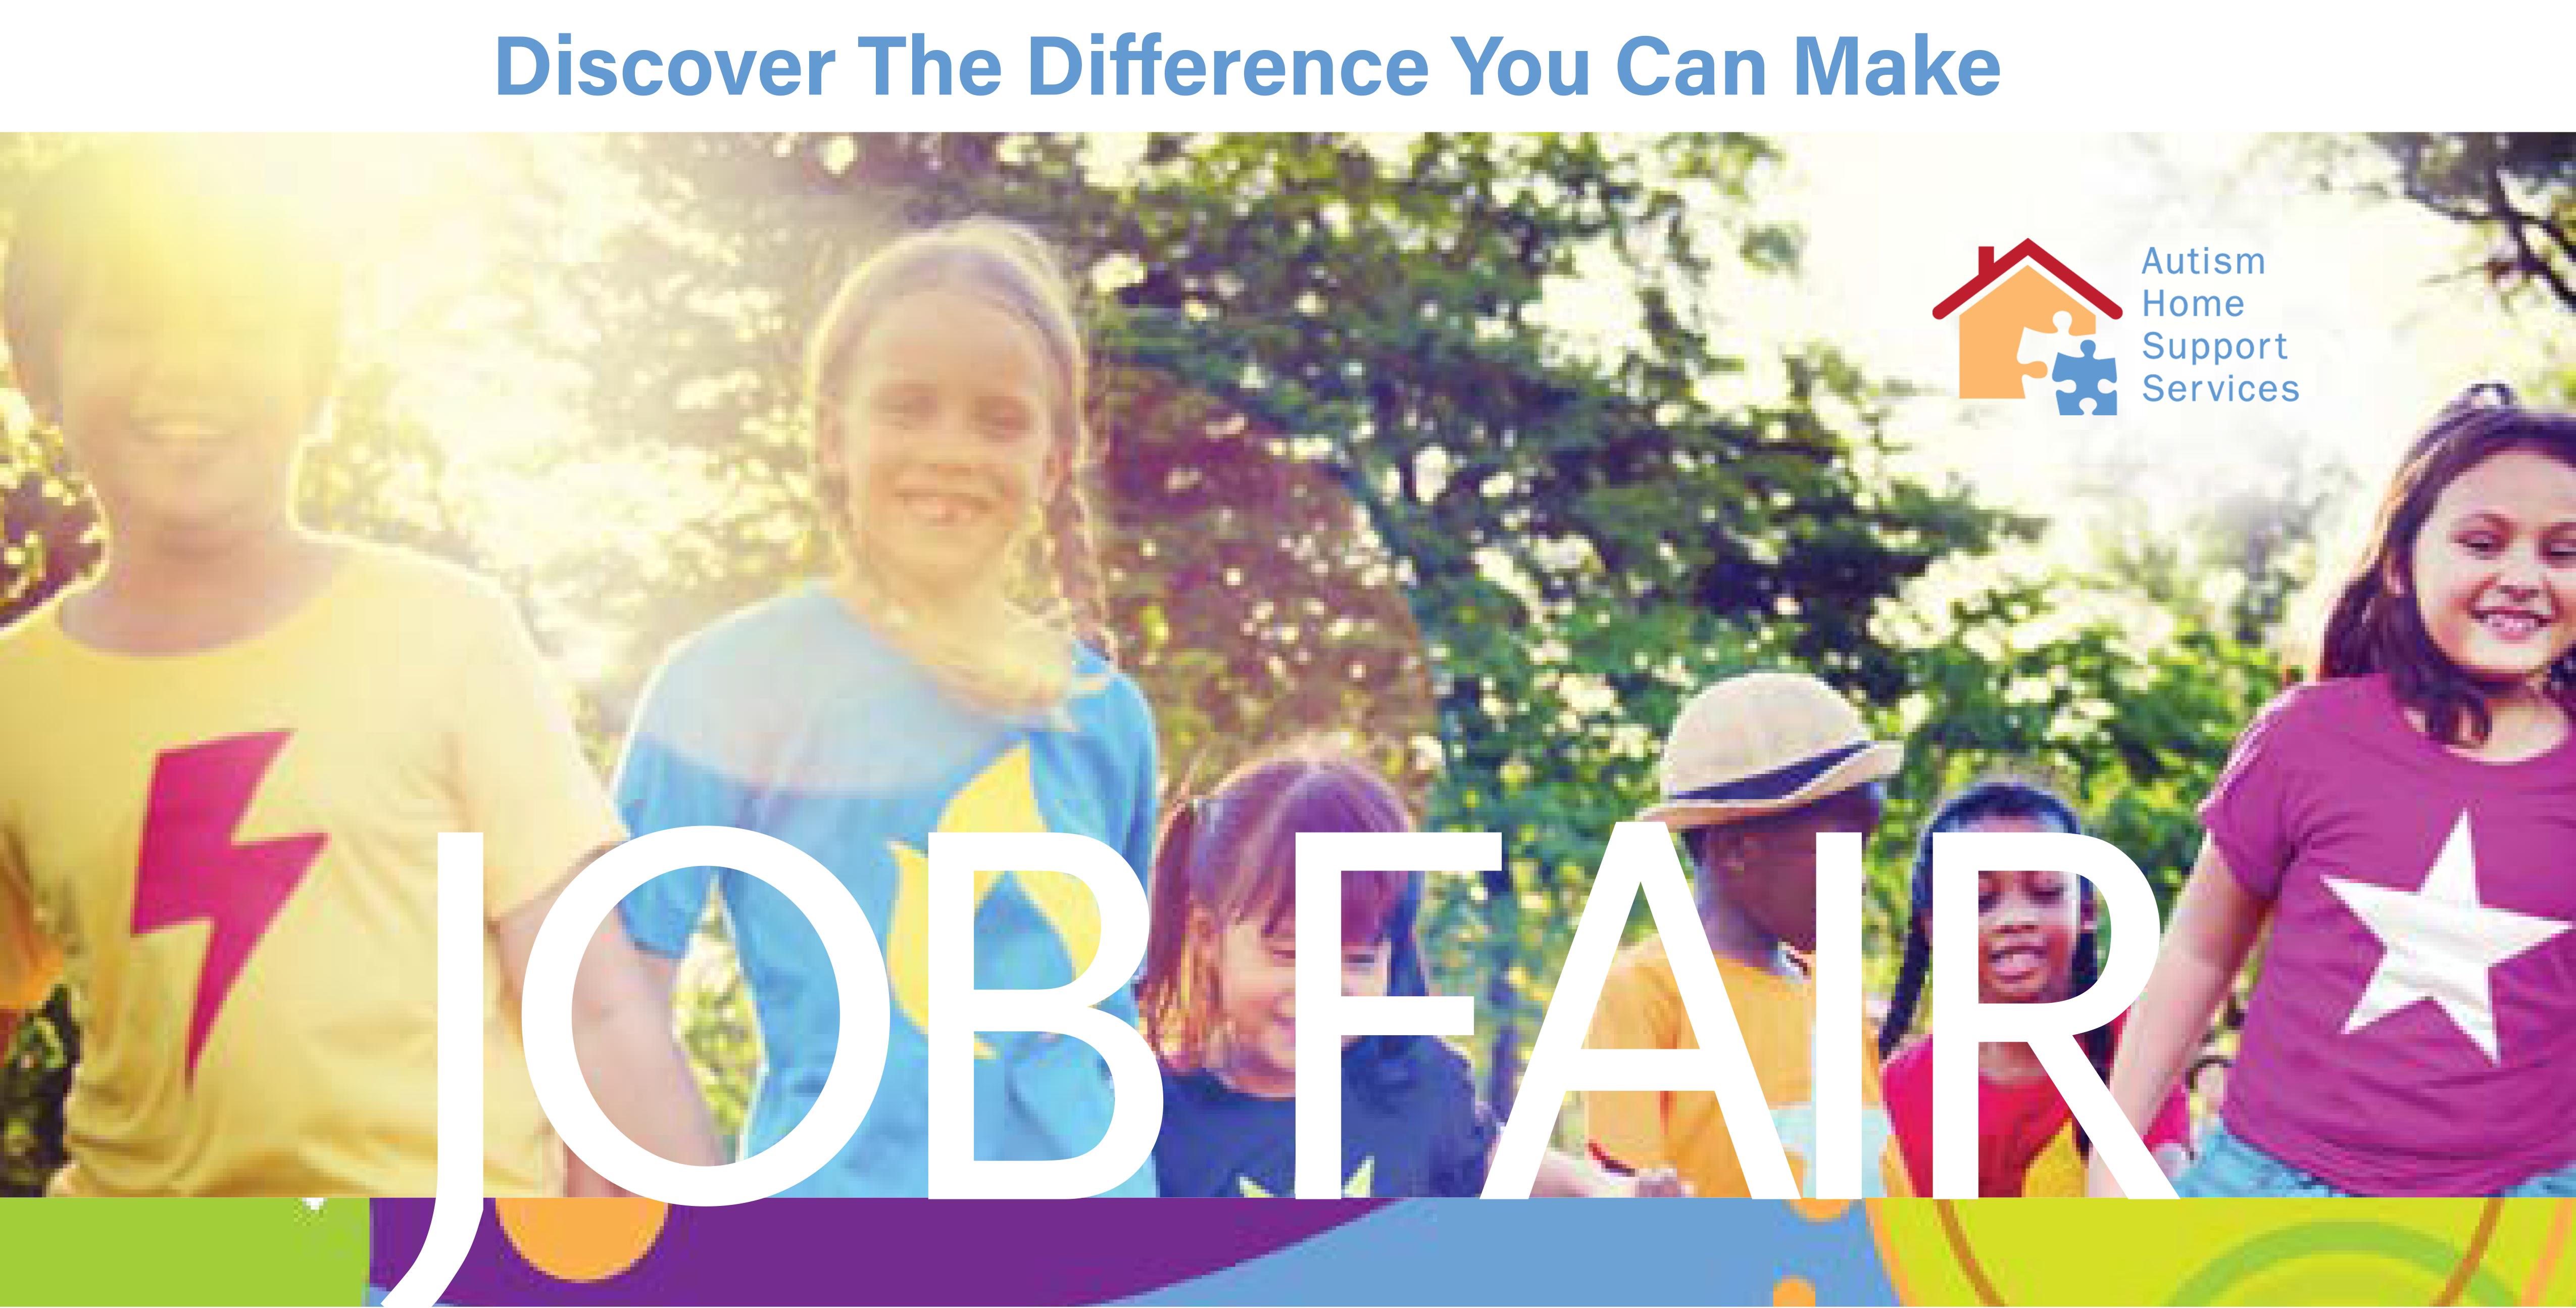 Job fair june 2017_image_2.png